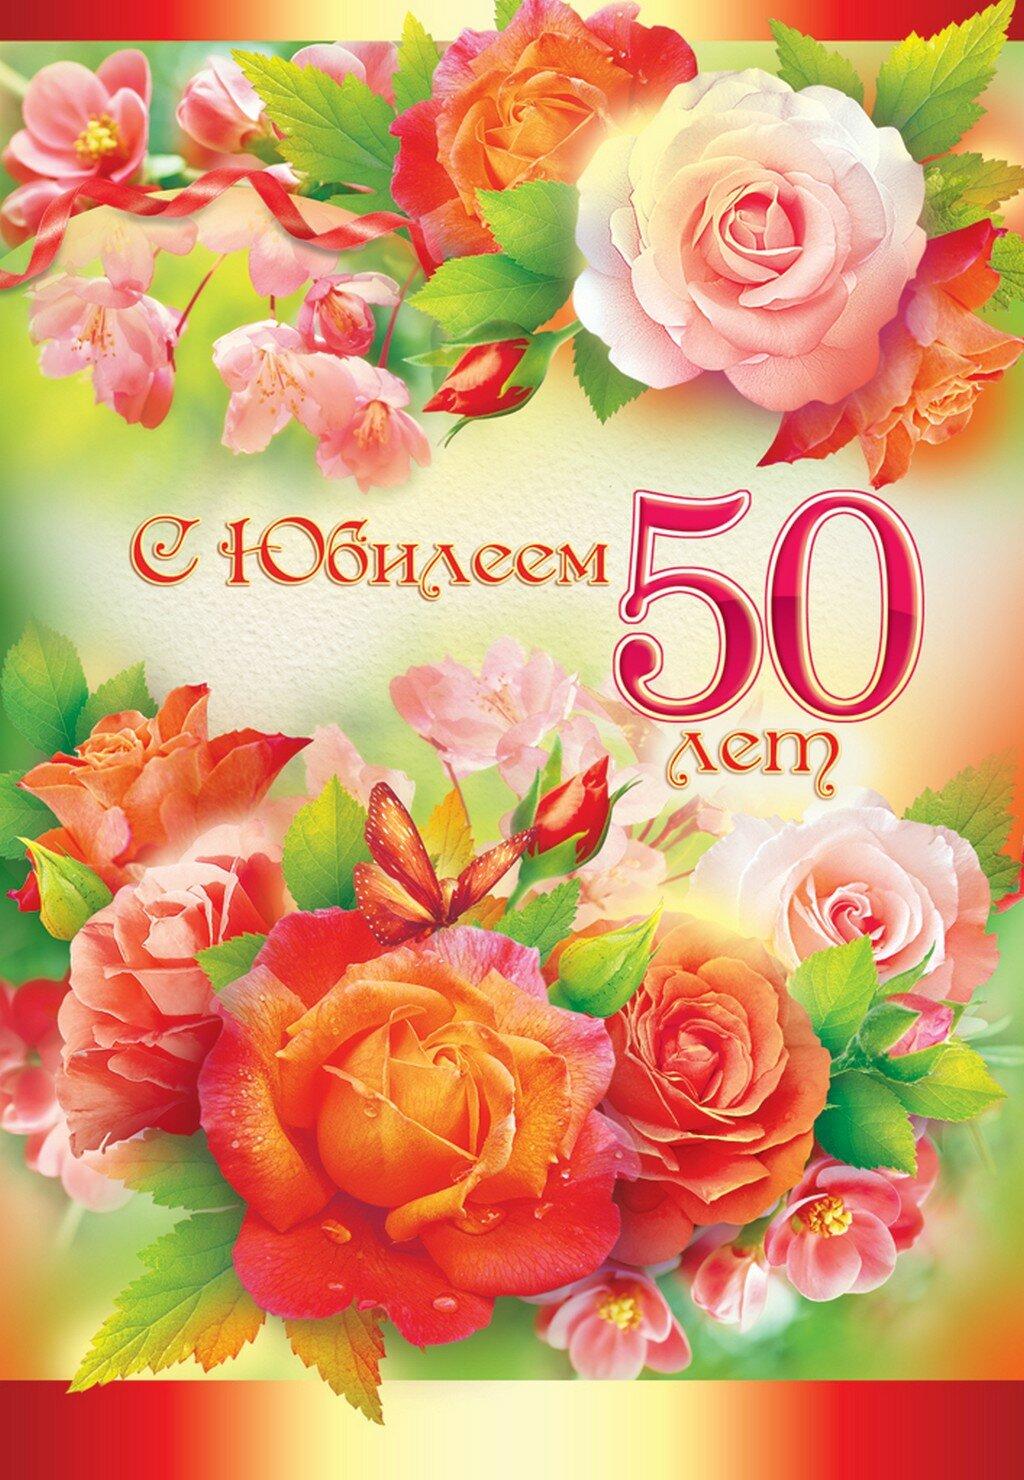 Открытка поздравления с 50 юбилеем